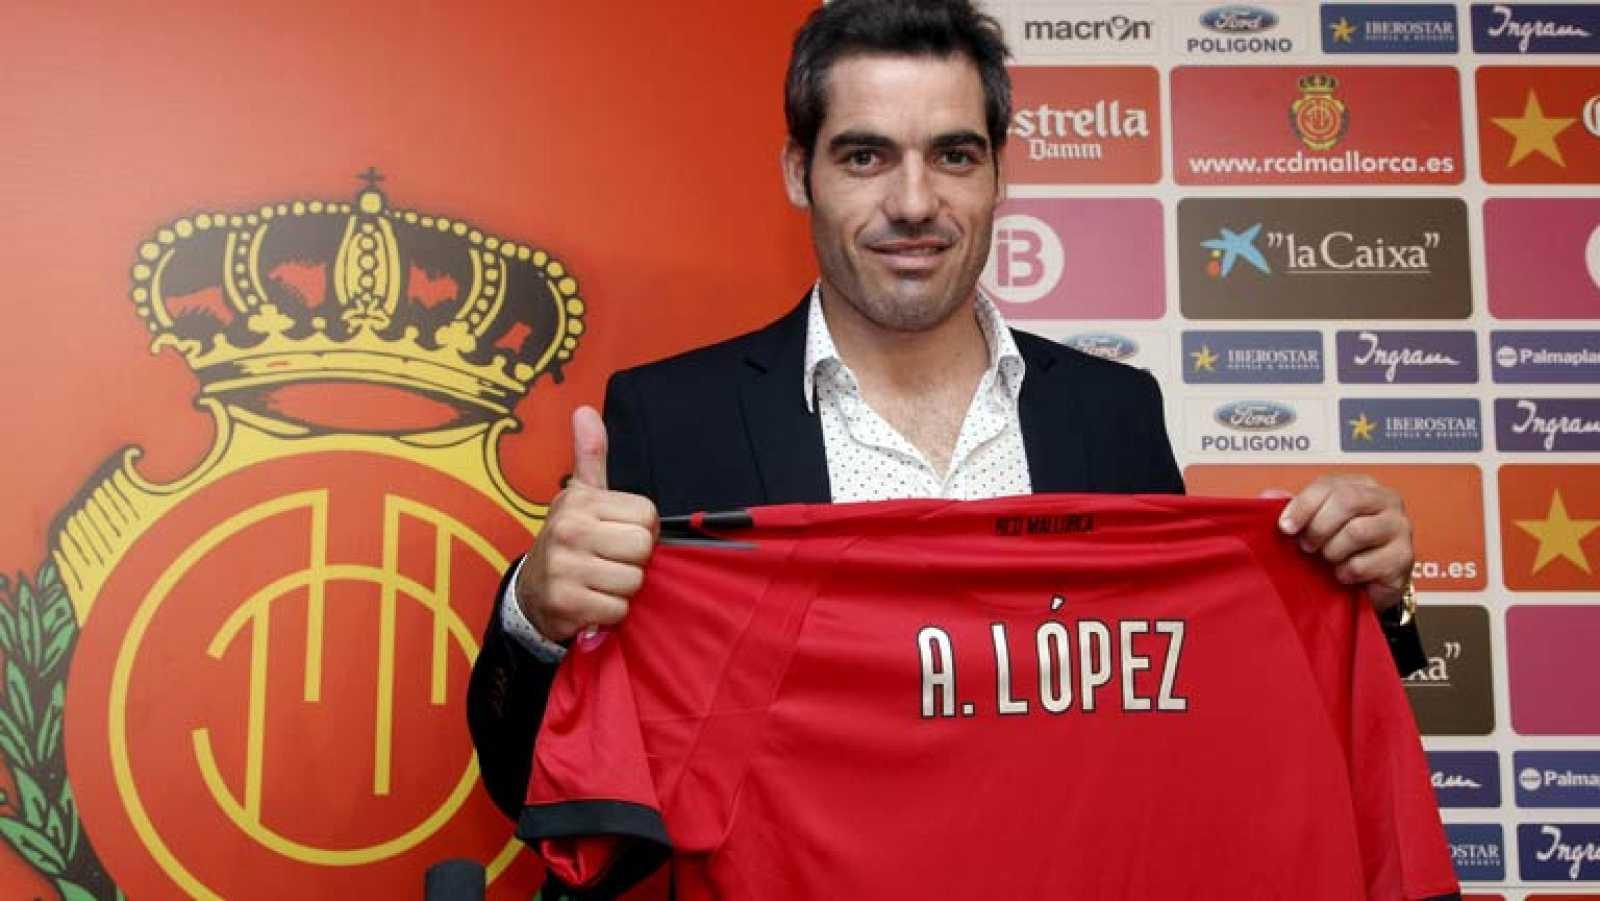 Antonio Lopez Nuevo Jugador Del Mallorca